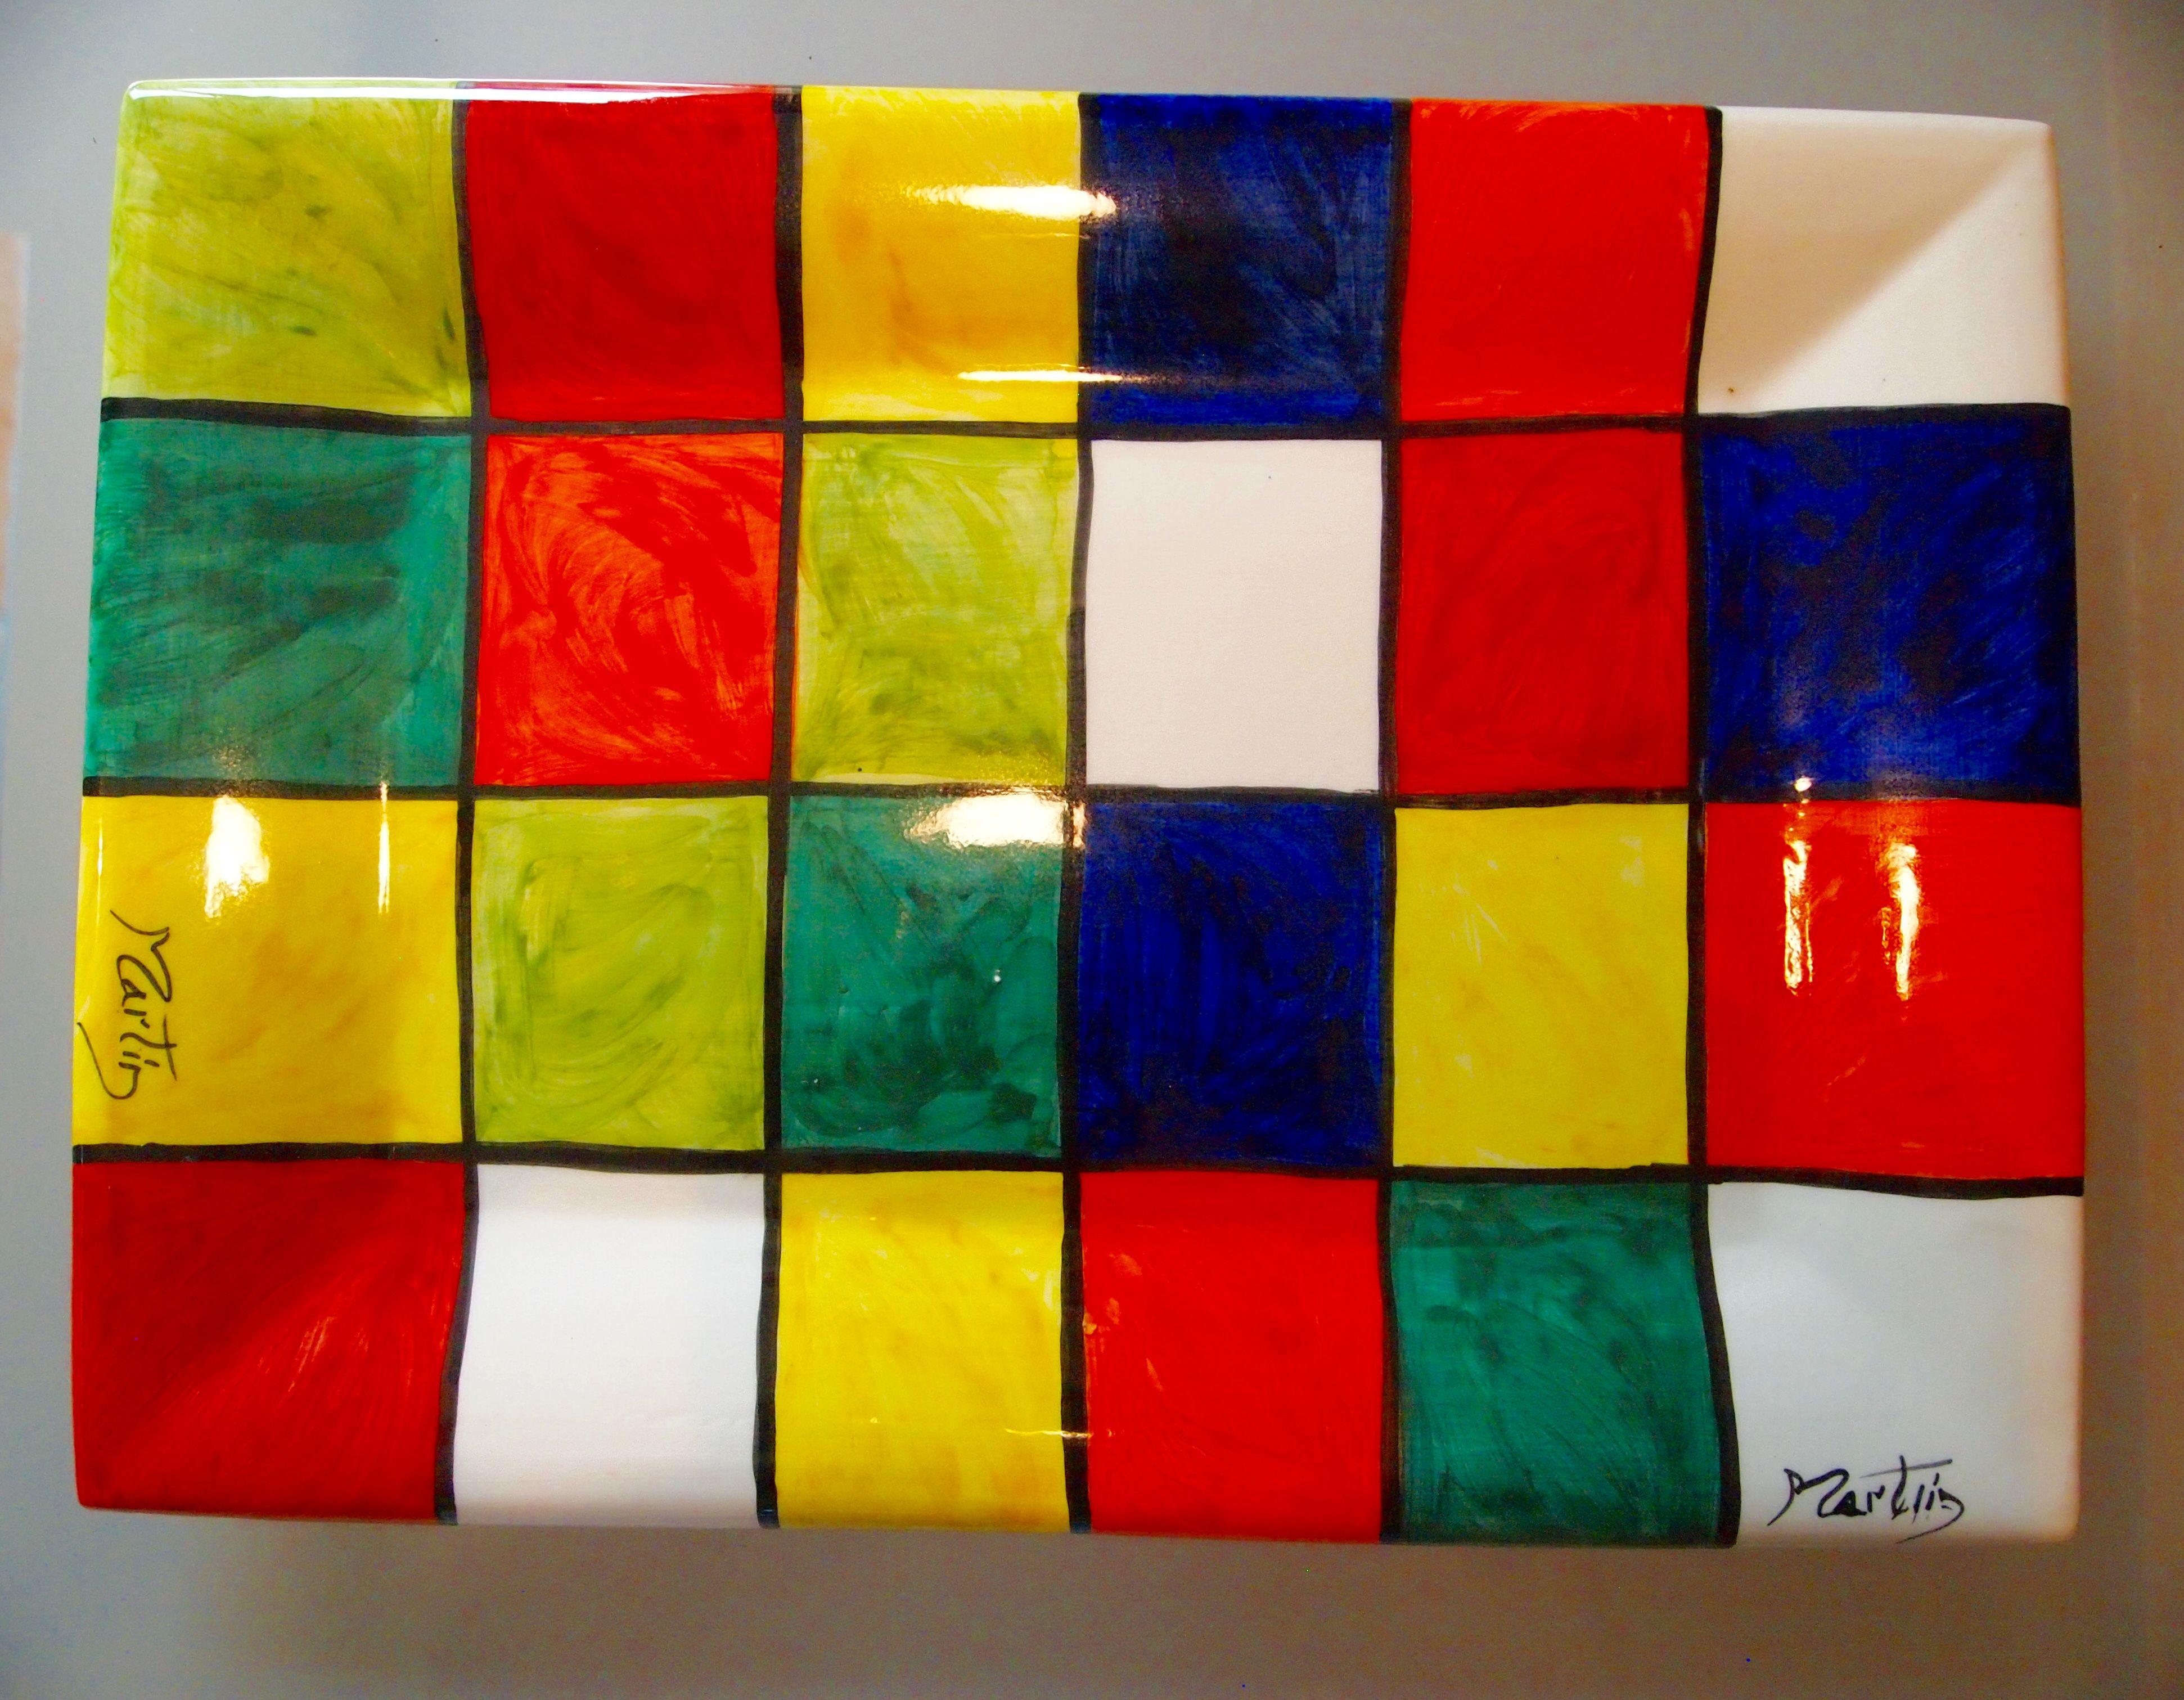 Originelle, Dekorative Und Praktische Schale Aus Keramik Welche Für Tapas,  Ebenso Wie Für Obst